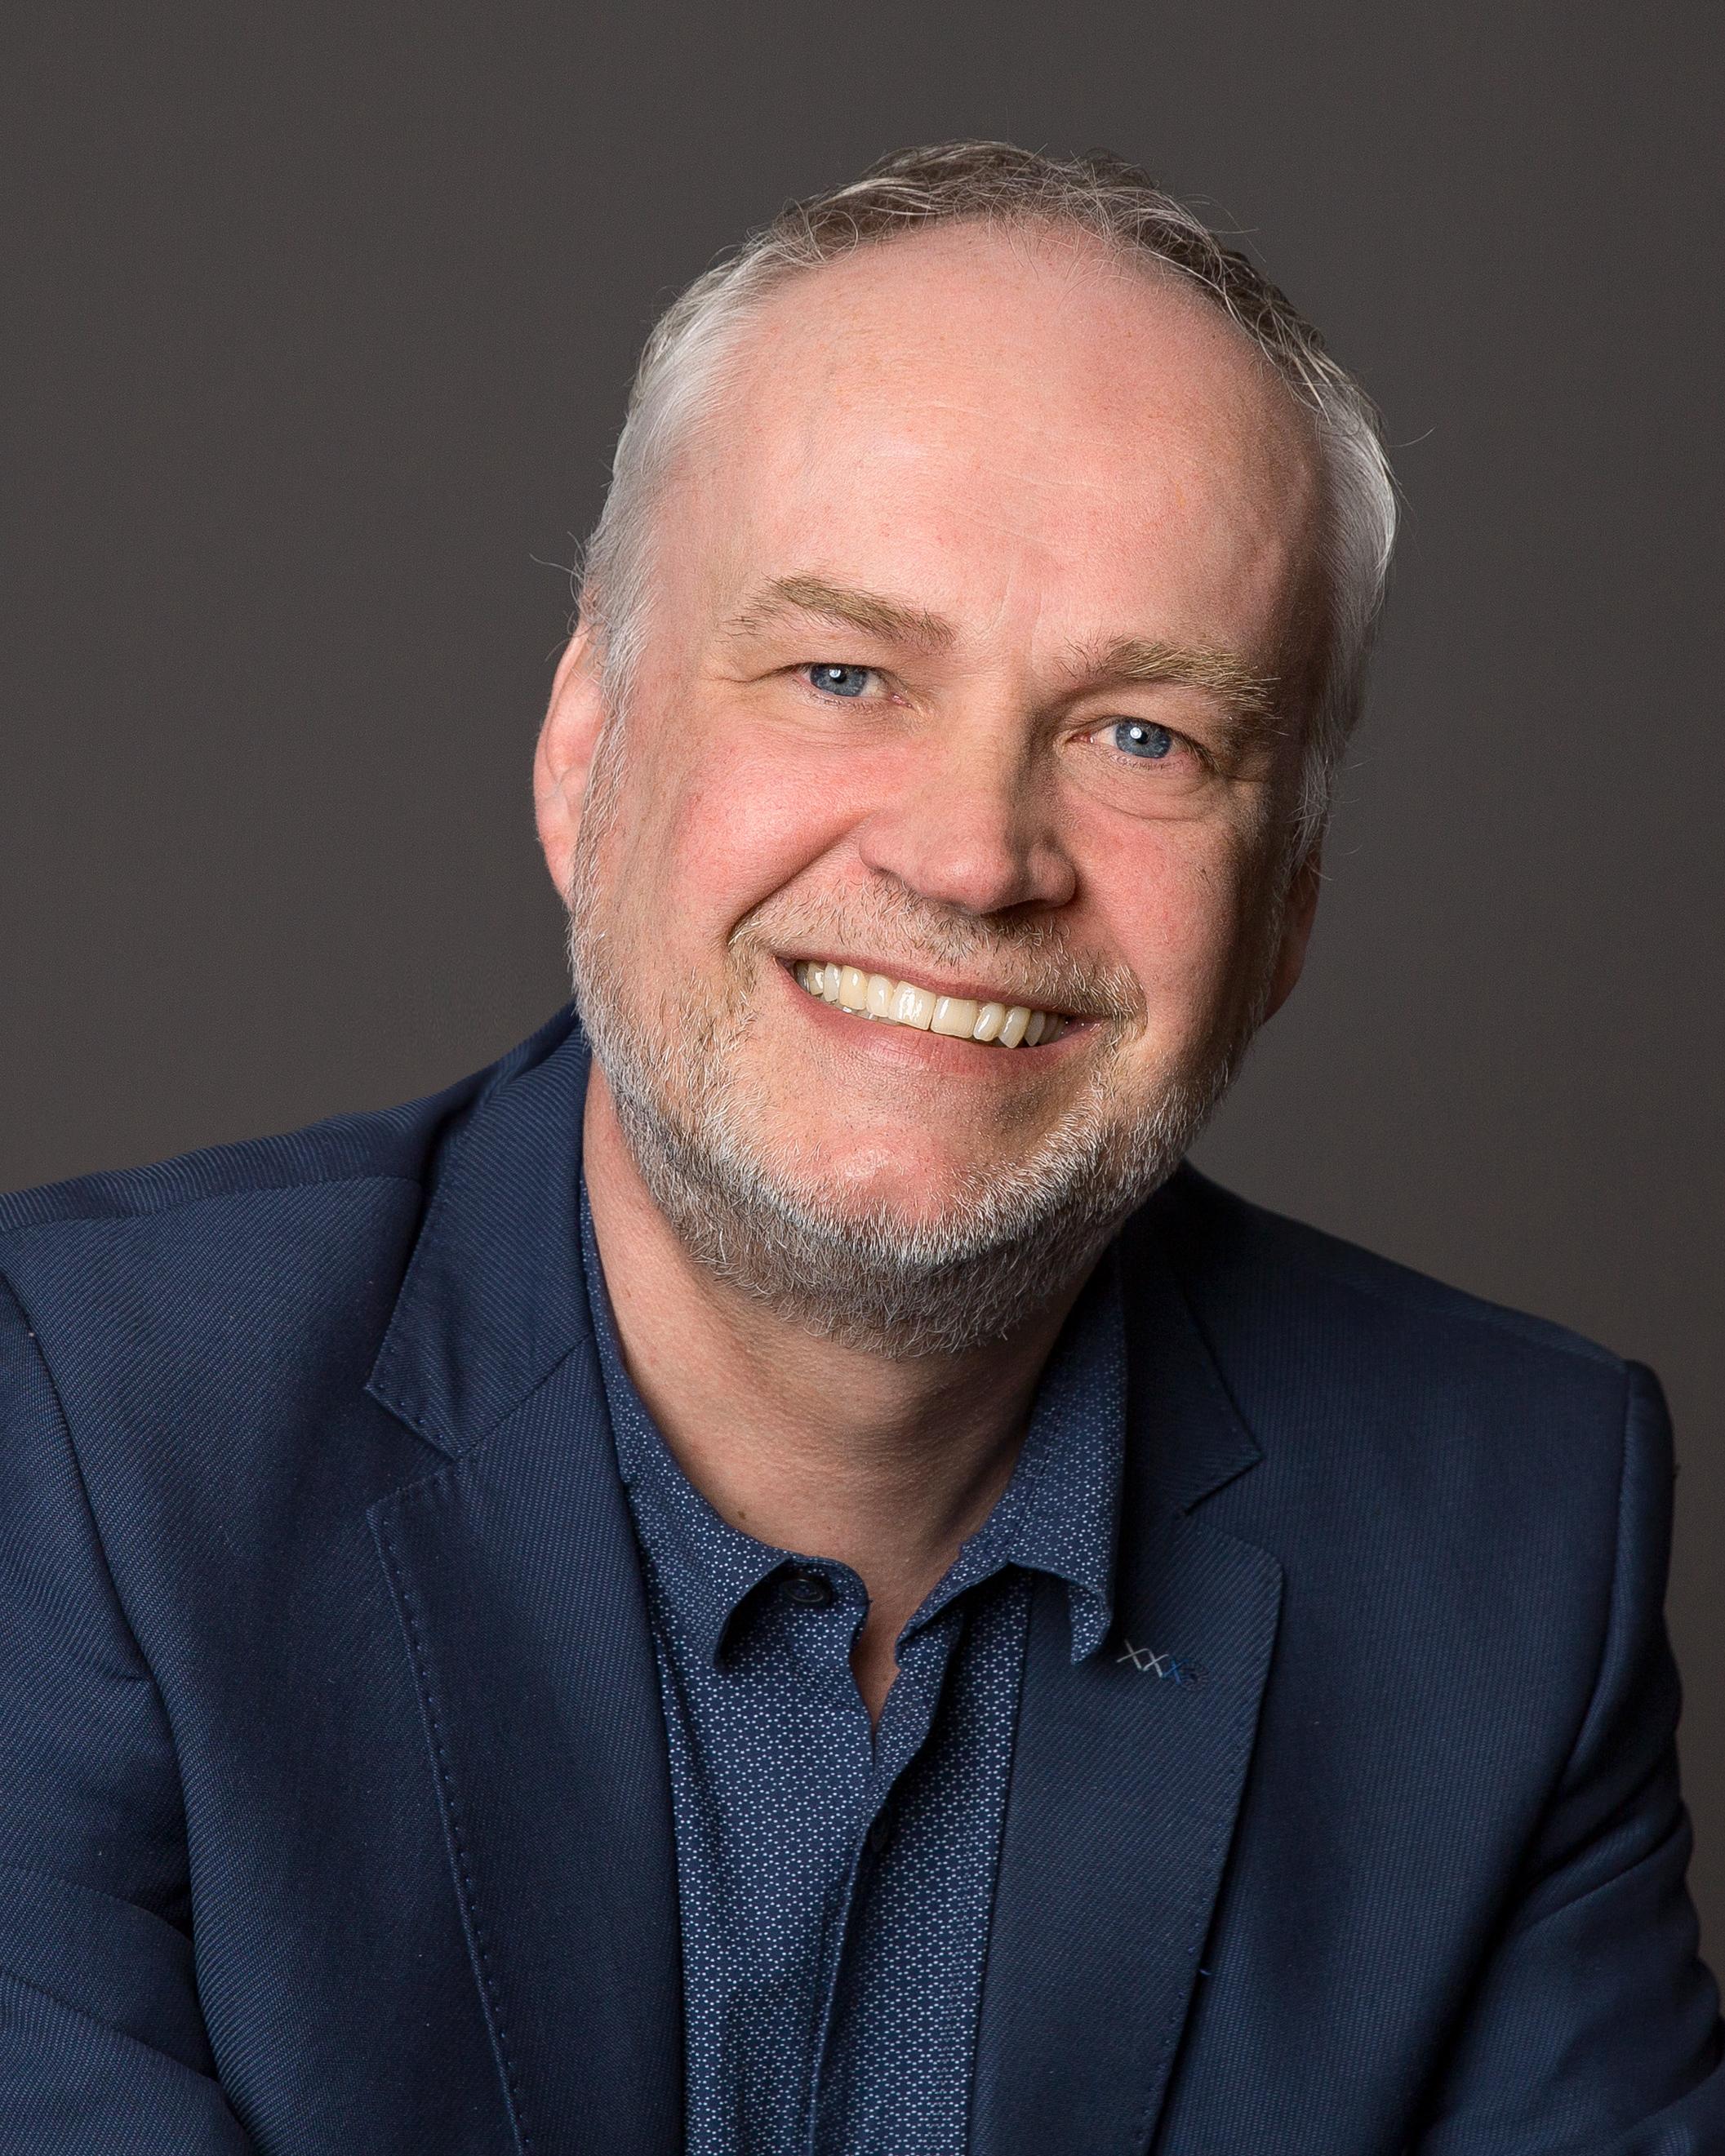 Sander Verbeek